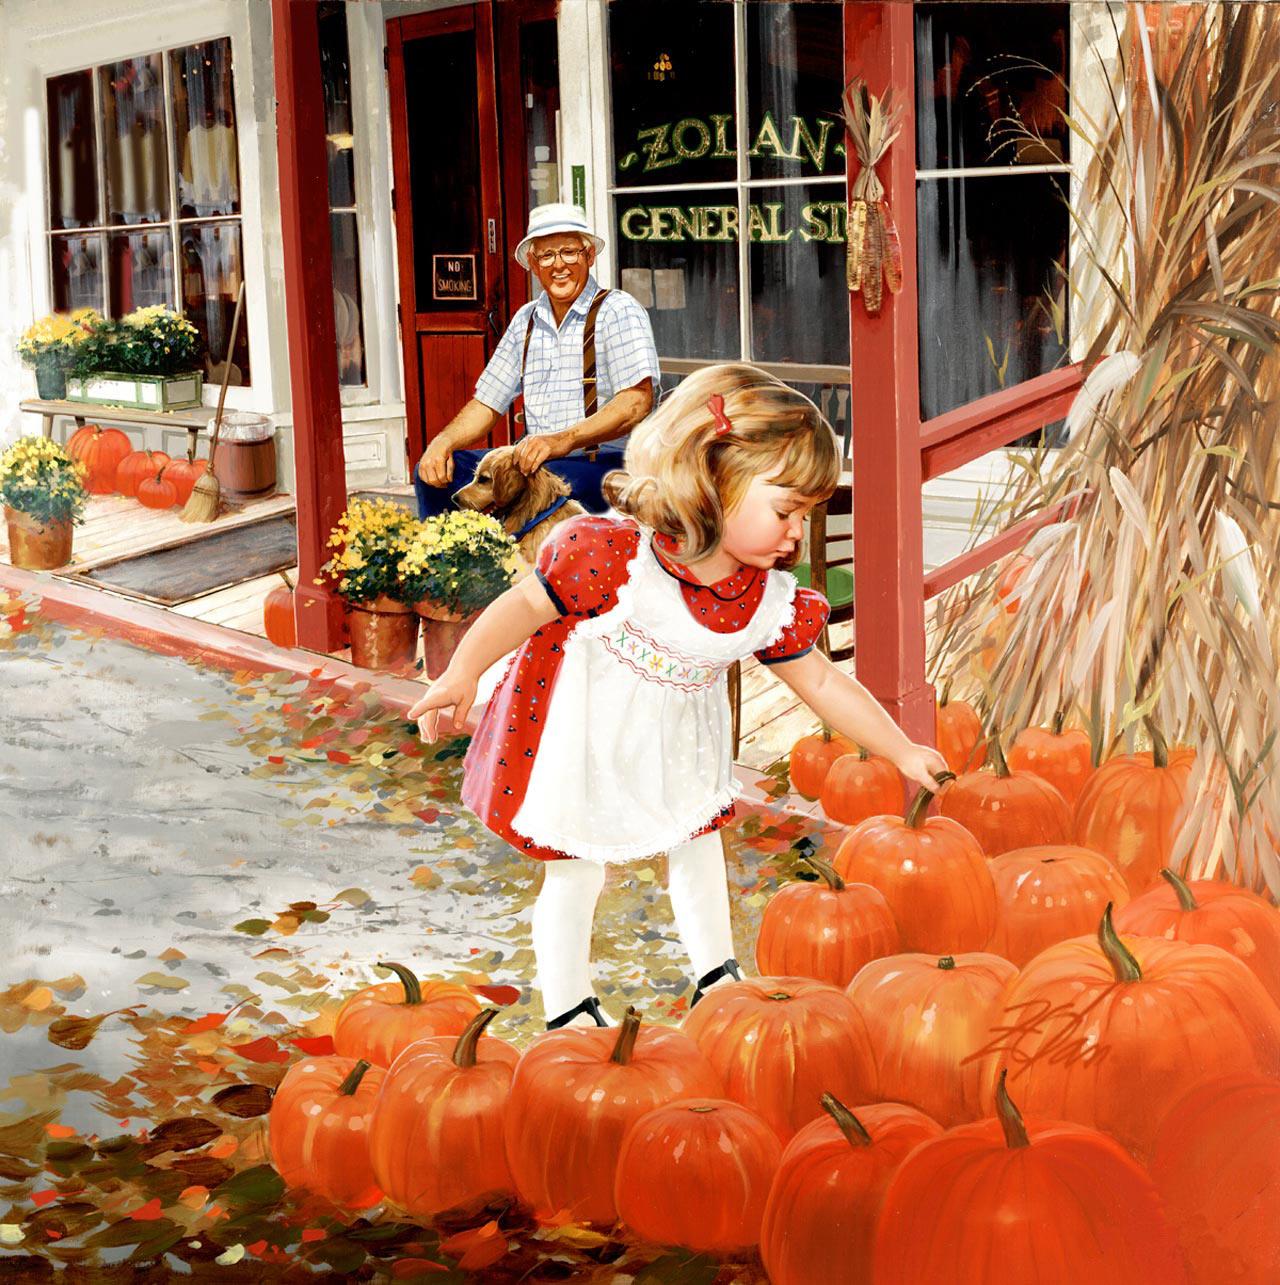 zolan pumpkins